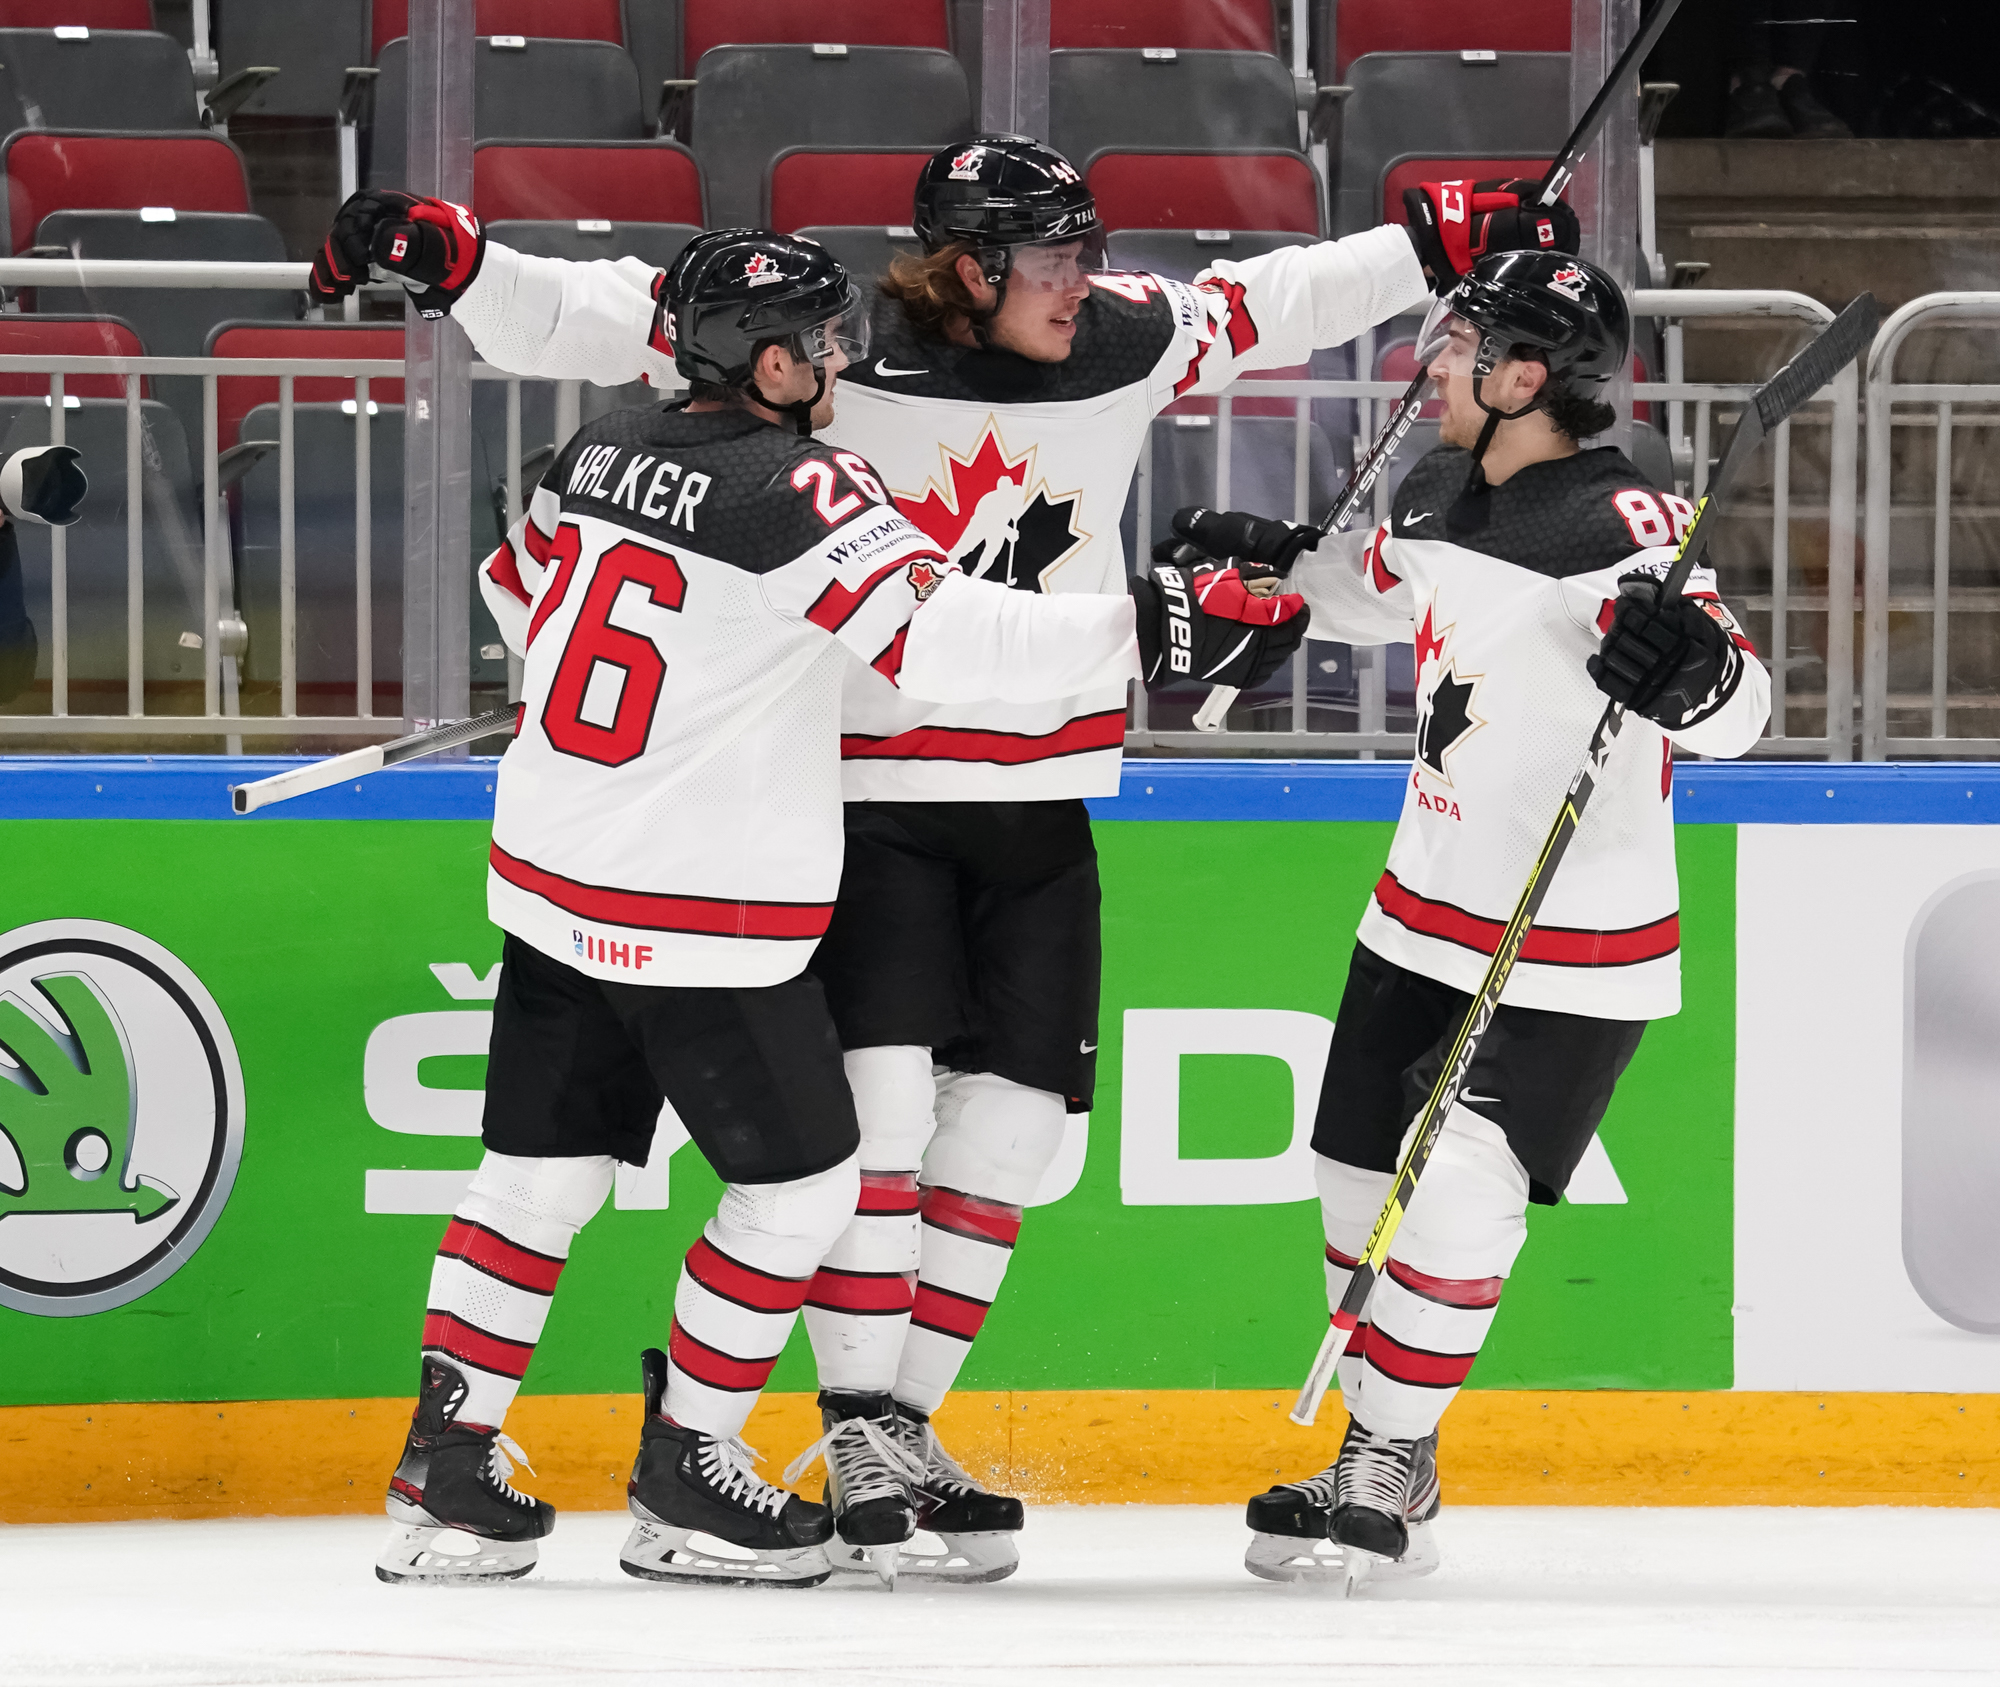 Kanada získala titul majstrov sveta